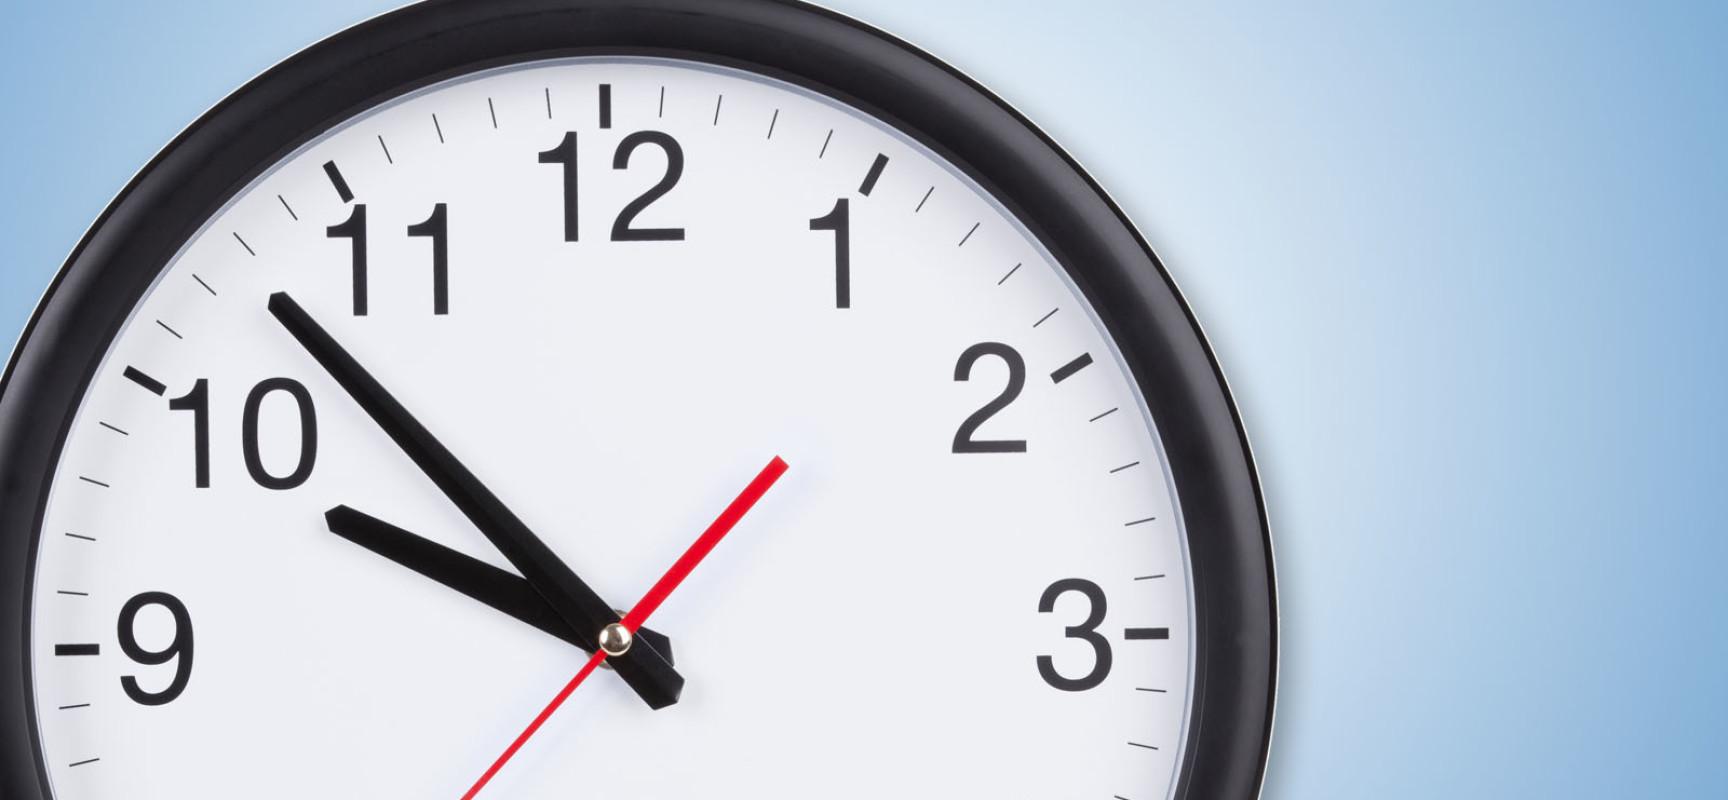 Законно ли увольнение за прогул, если работодатель зафиксировал отсутствие на рабочем месте 4 часа?